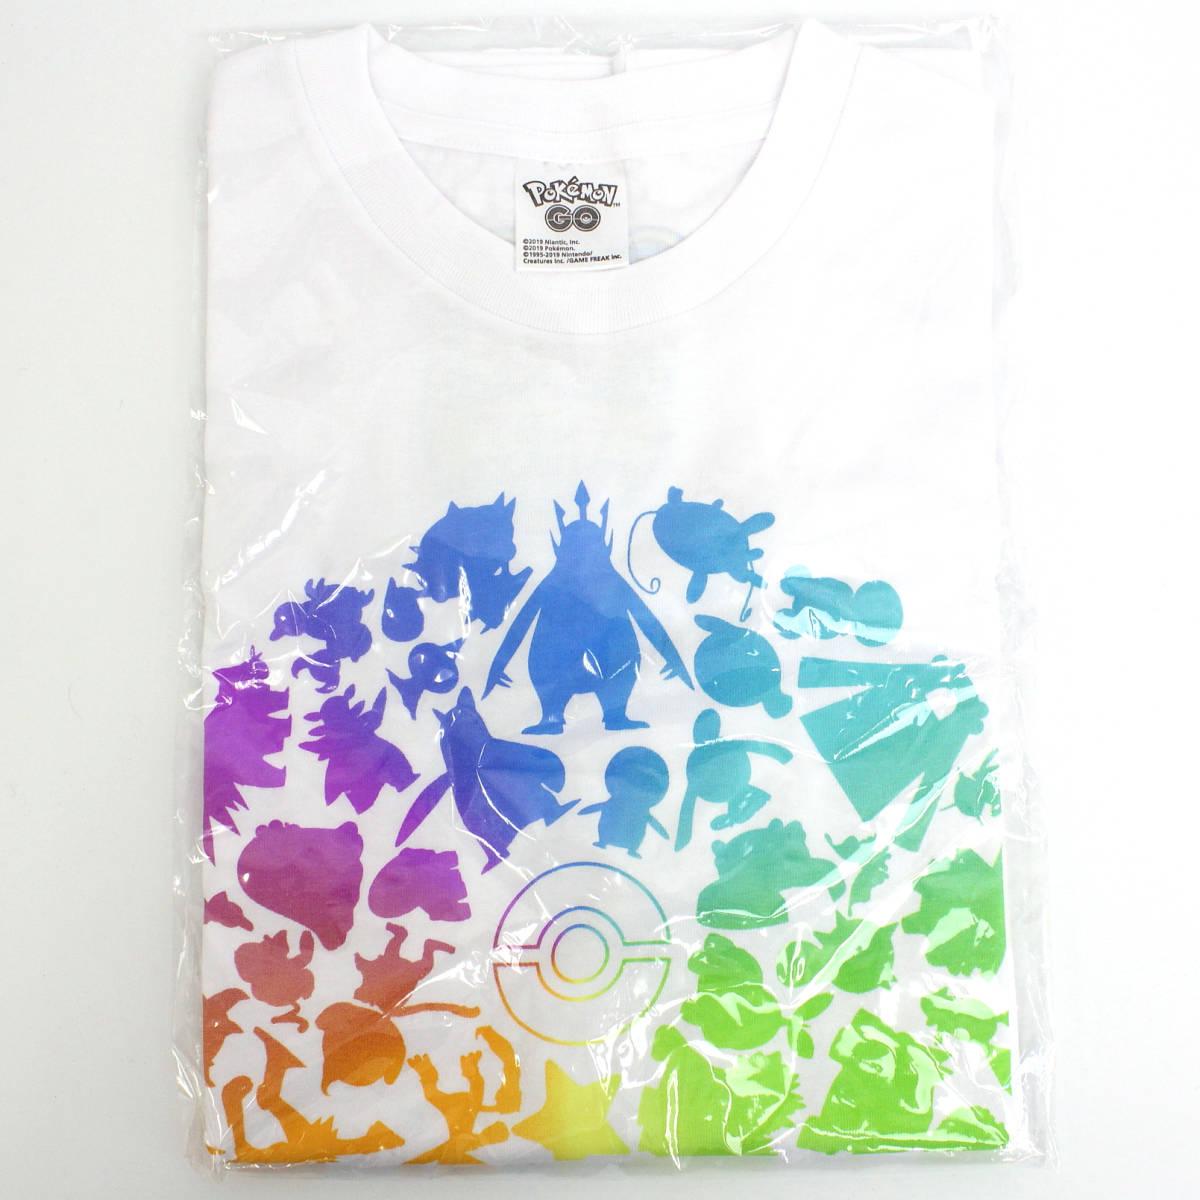 ポケモンGO 横浜 Pokemon GO Fest Yokohama 2019 Tシャツ フェスT Mサイズ ホワイト 限定 ゴプラ モンスターボールプラス_画像1